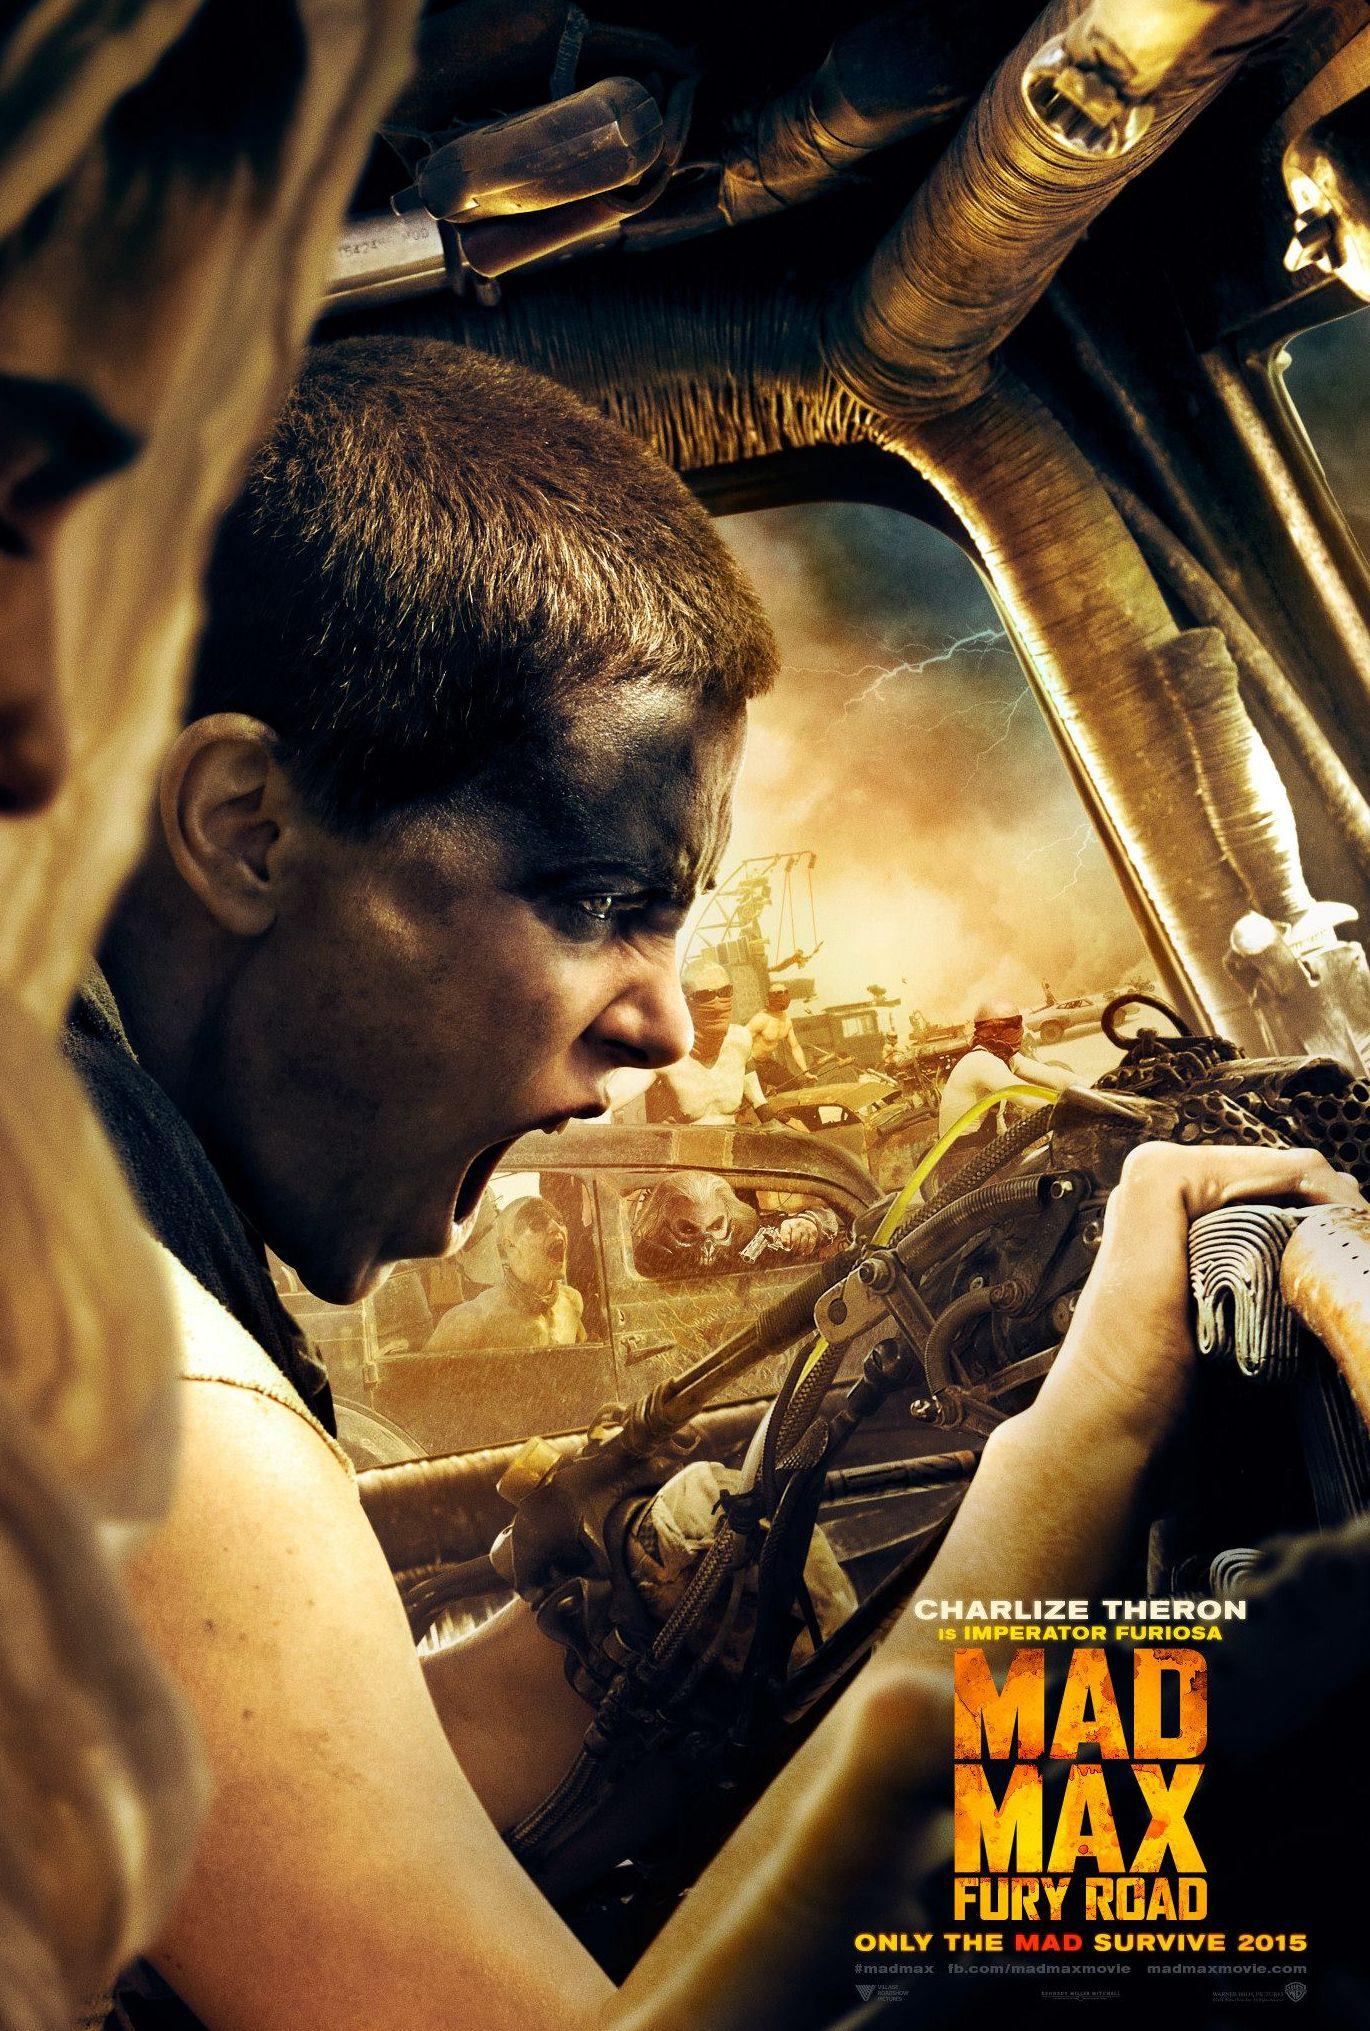 Mad Max: Fury Road Imperator Furiosa scream poster